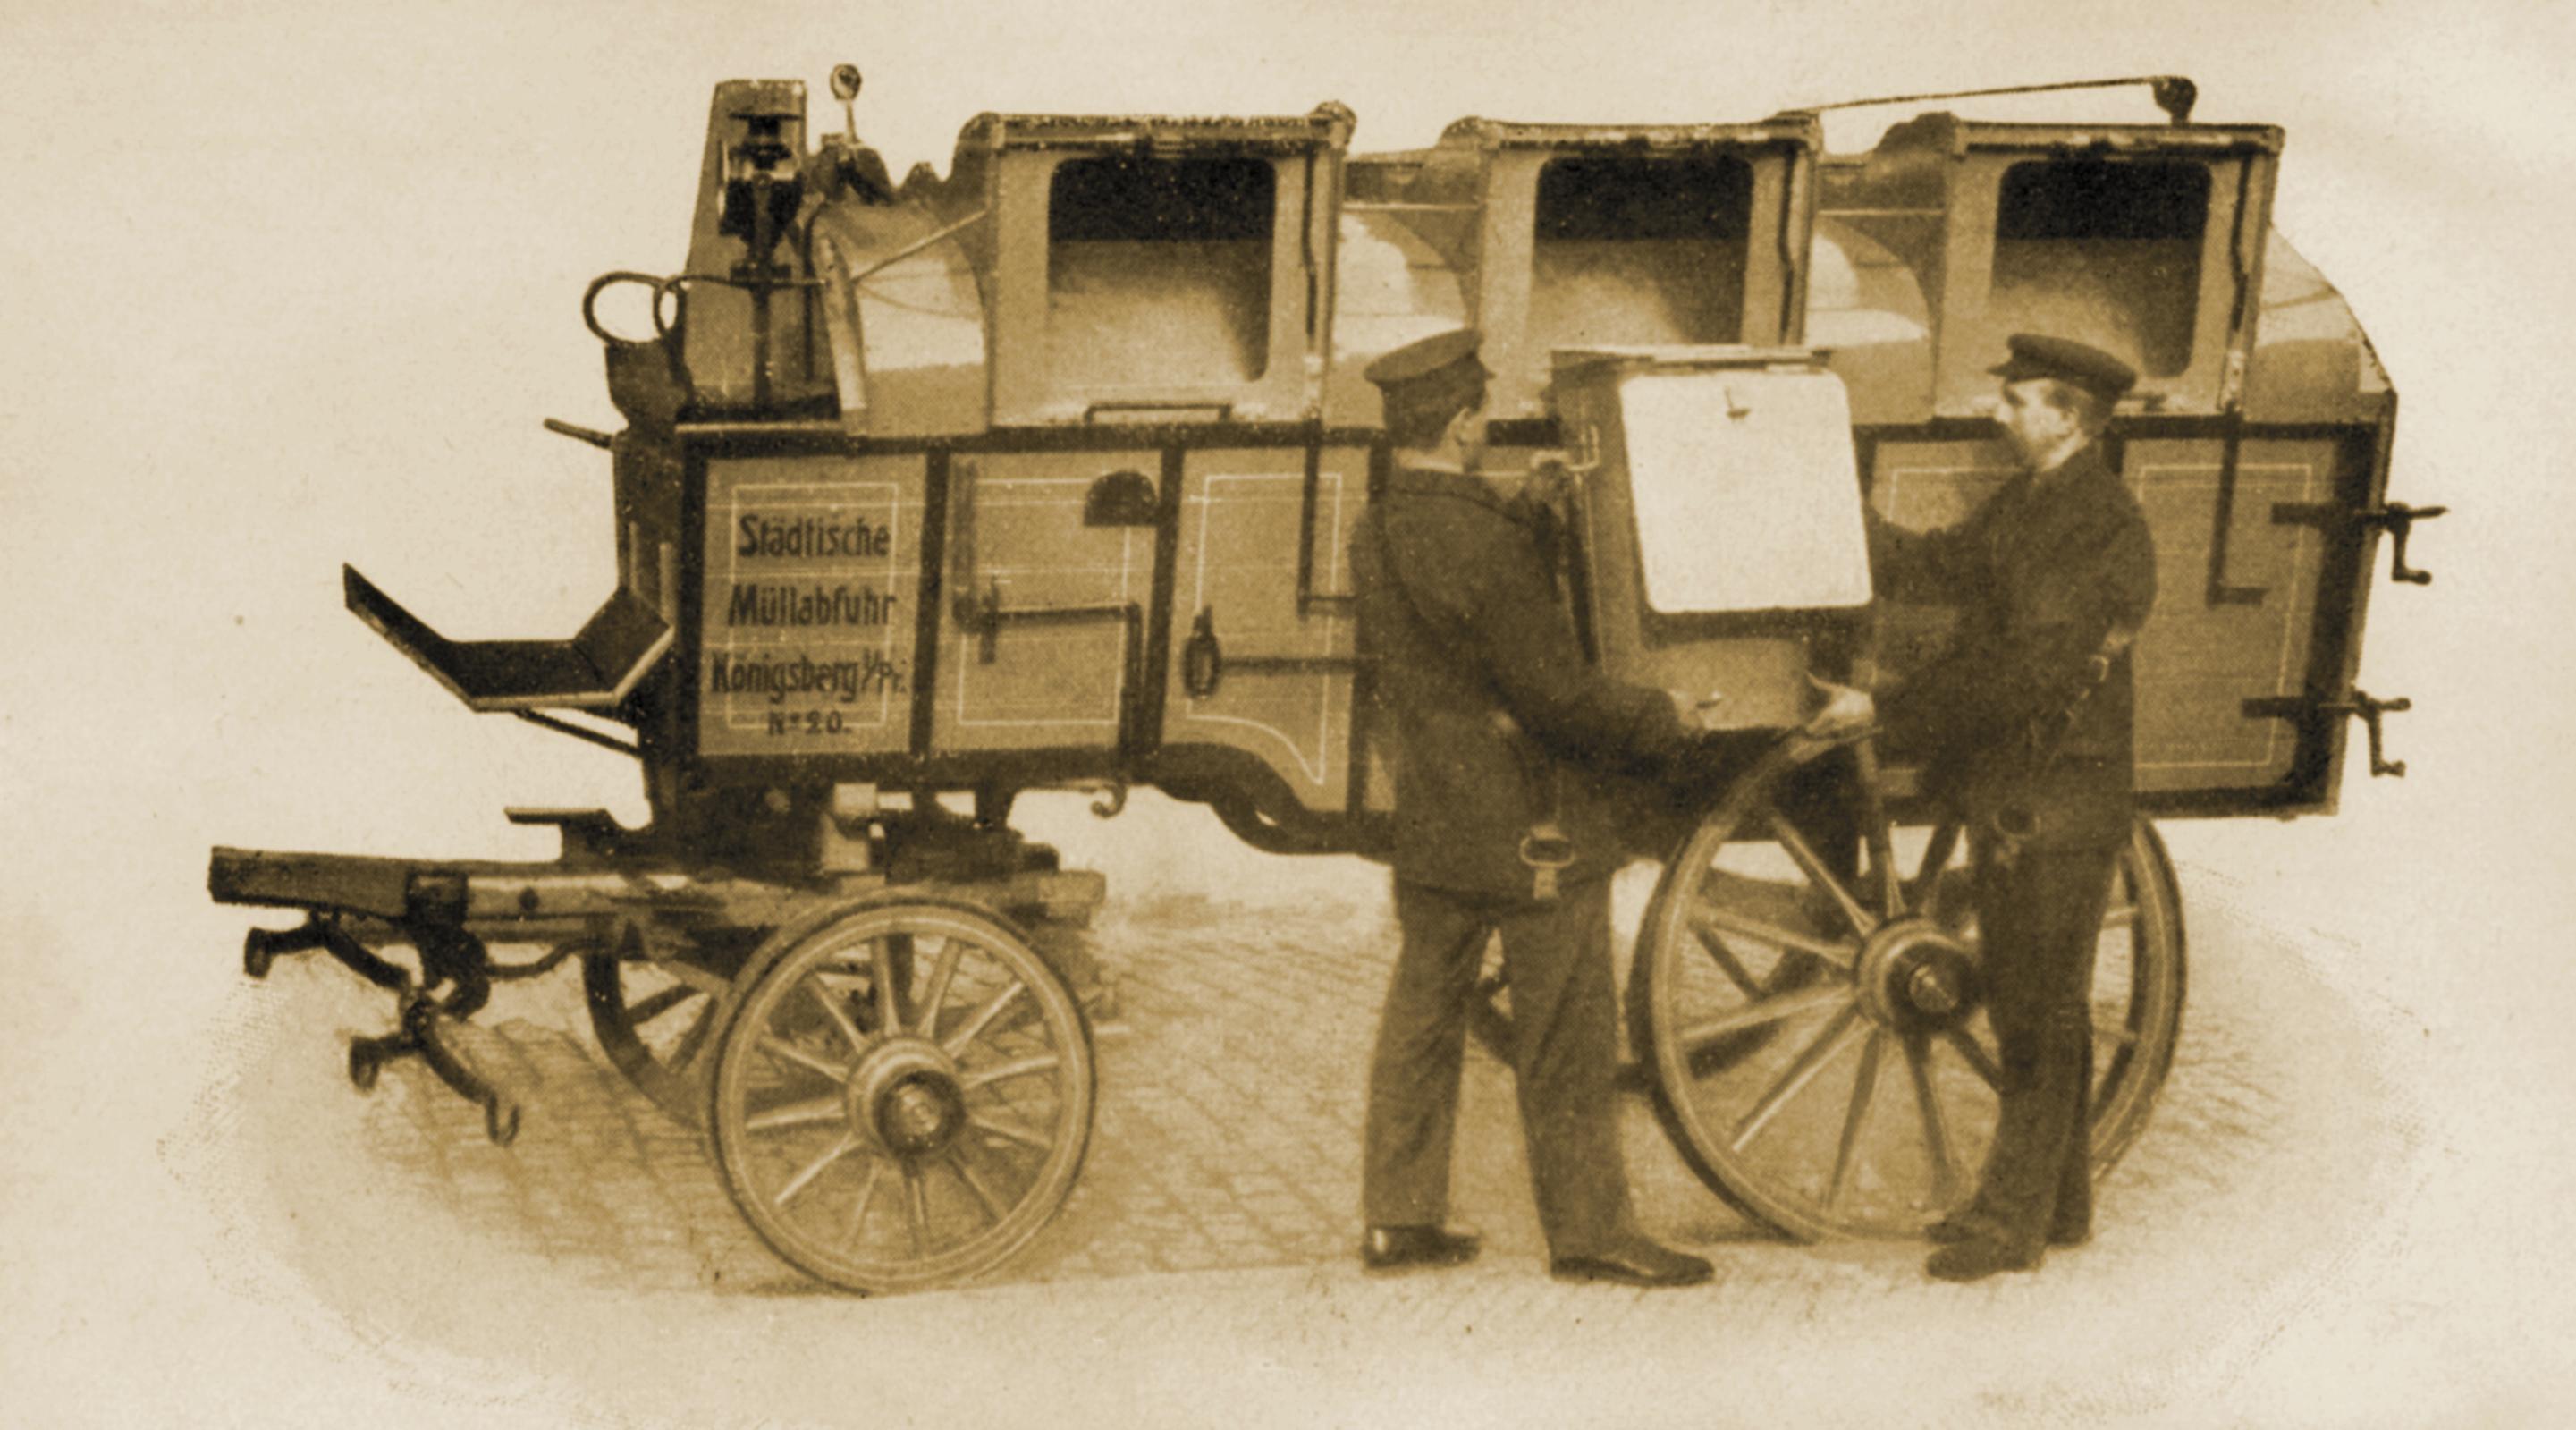 Zwei Arbeiter laden eine Tonne auf einen Wagen